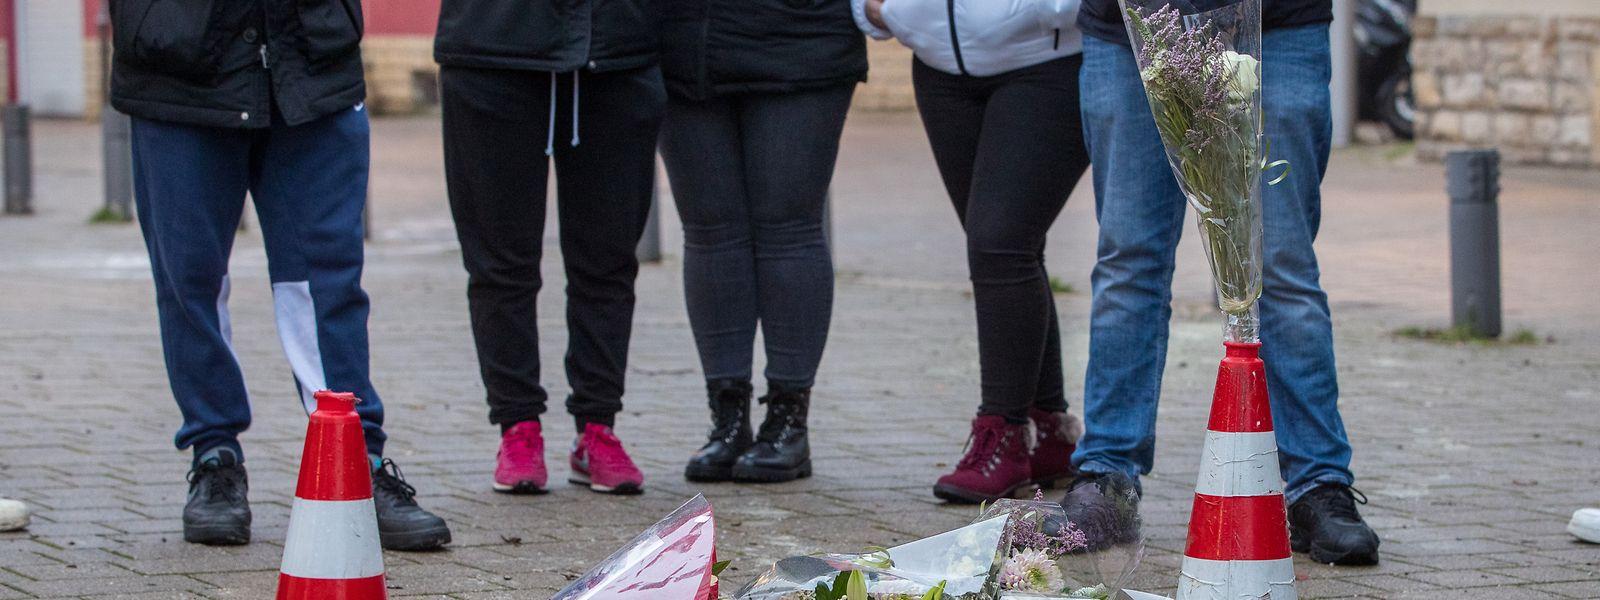 Bekannte des Opfers erinnerten am Tag nach der Tat am Tatort an ihren Freund.